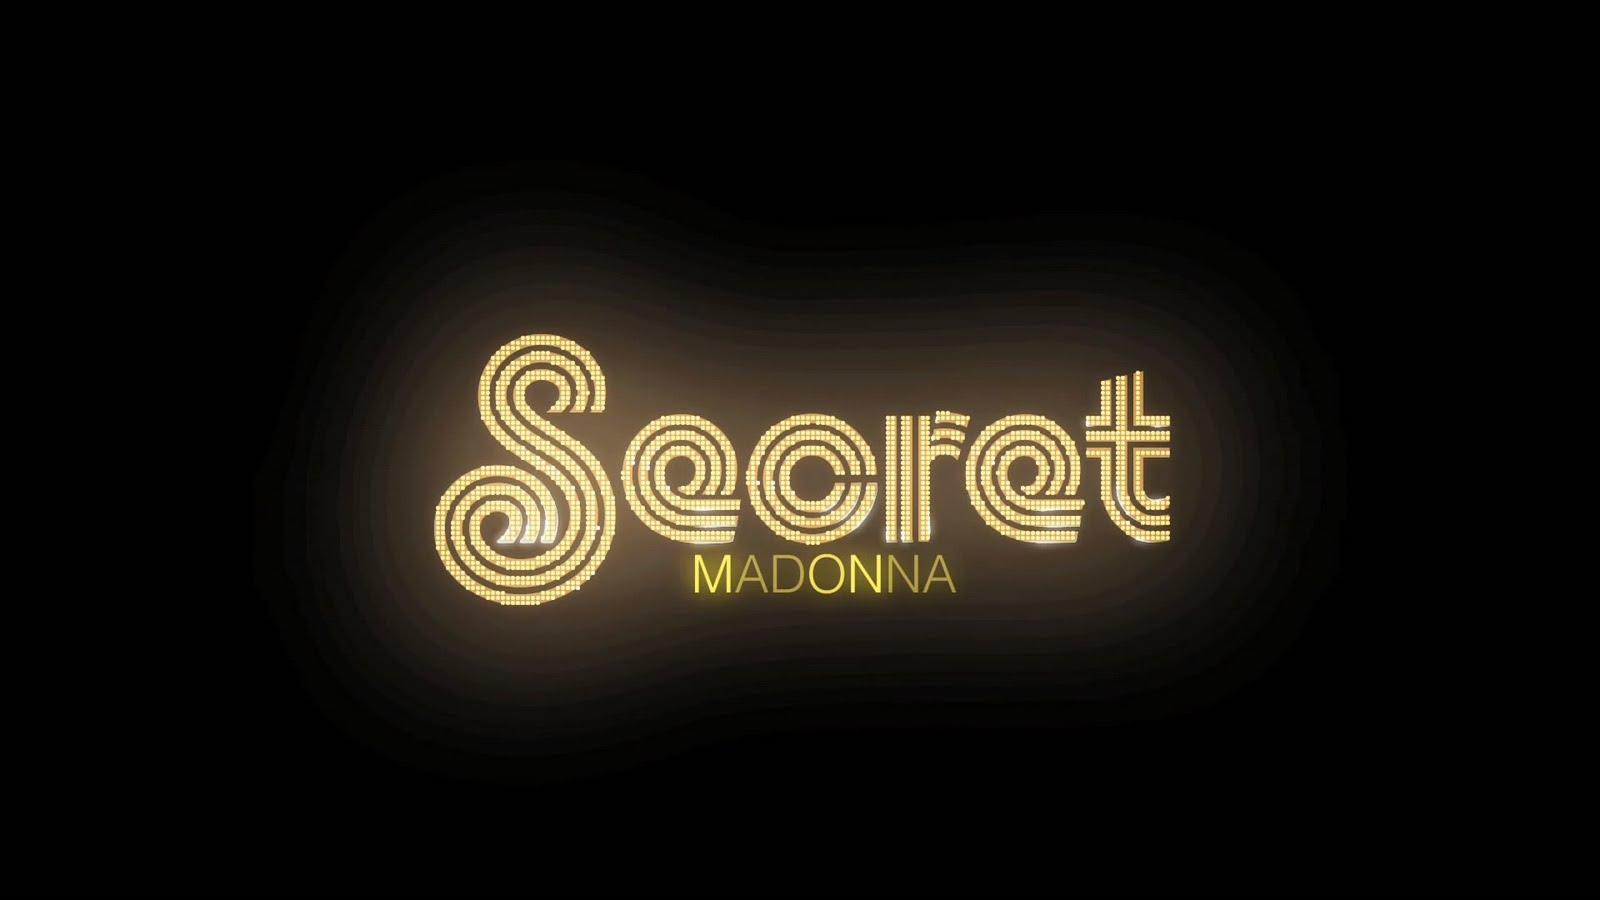 http://3.bp.blogspot.com/_XwMJQluMzRM/TGcgkLVtPUI/AAAAAAAACNs/wBuHuY7mLc8/s1600/1ZSecret-Madonna1080p-01.jpg